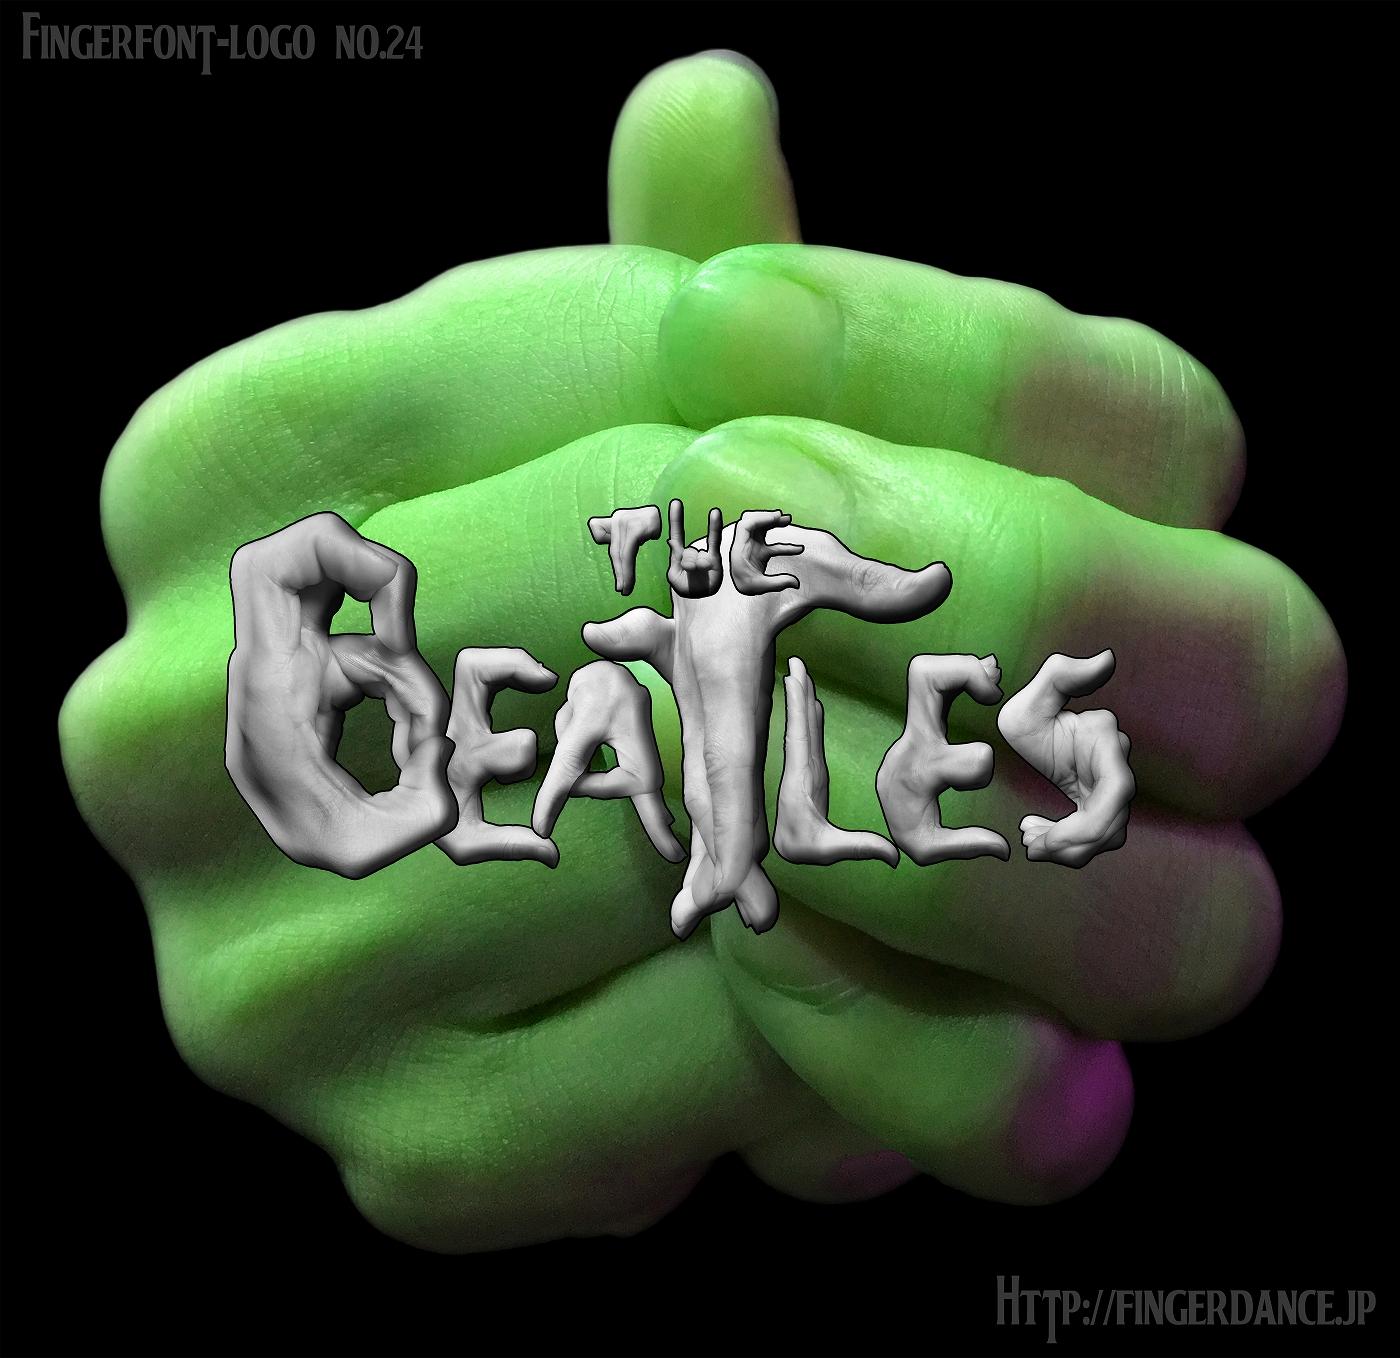 TheBeatles-fingerhttp://fingerdance.jp/L/logohand ザ・ビートルズ・フィンガーロゴハンド 手指字